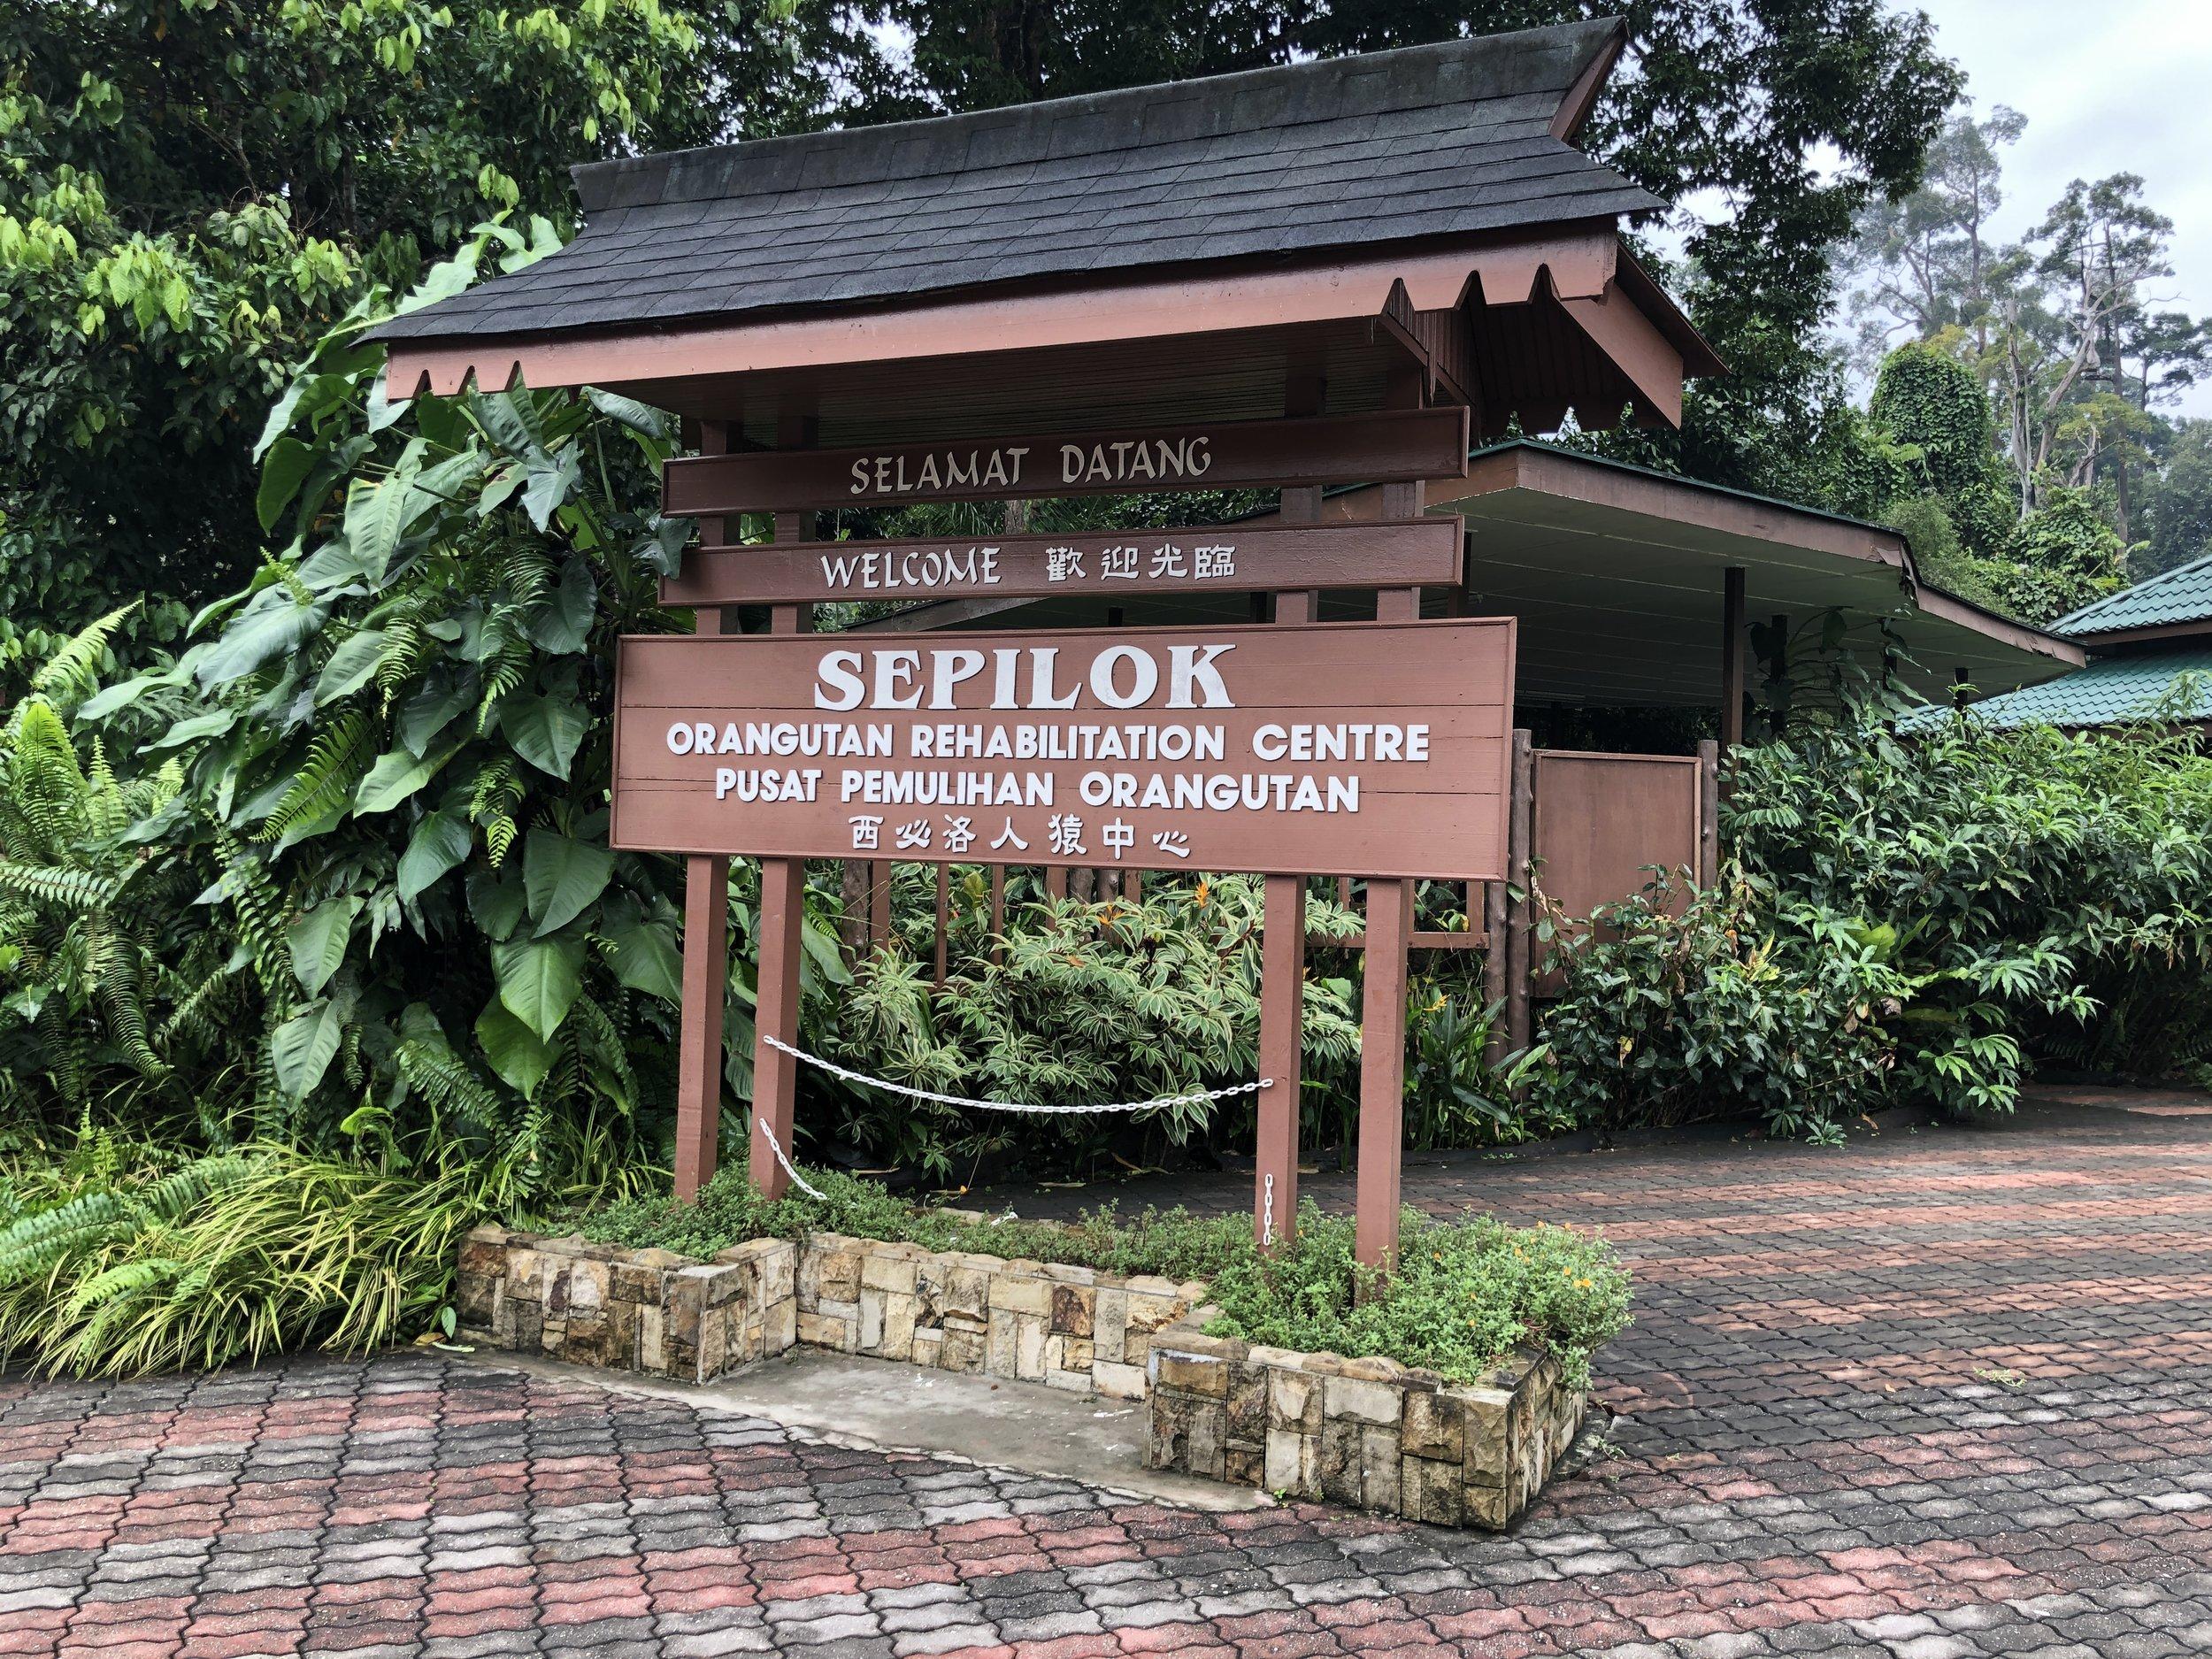 Sepilok: a 'must-visit' destination